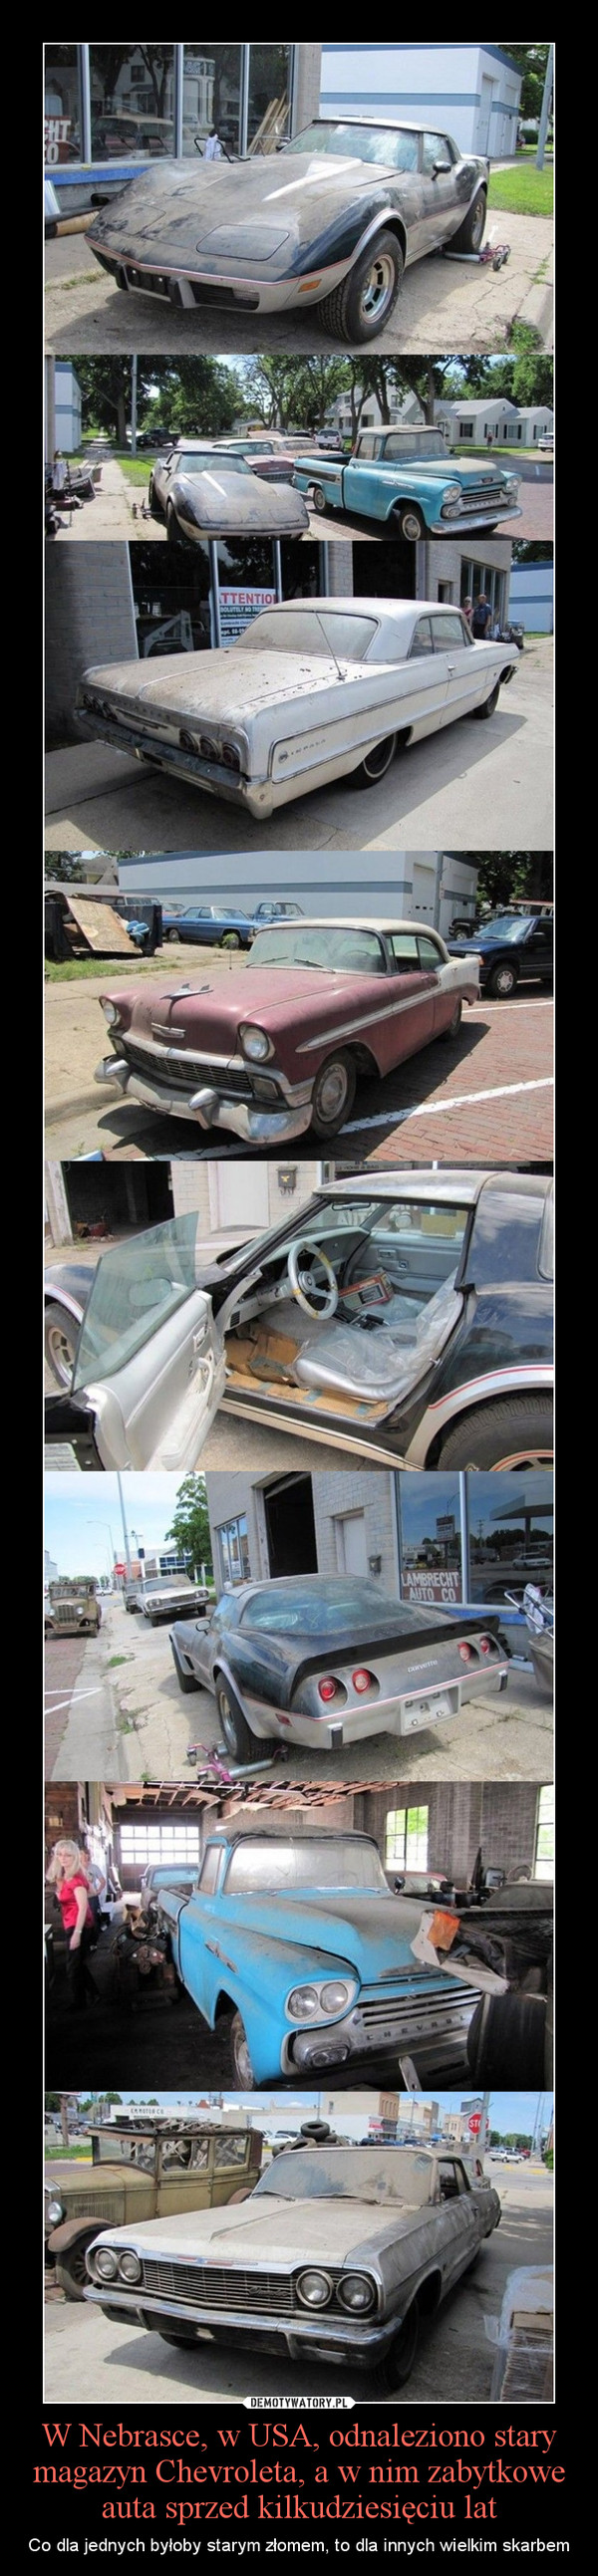 W Nebrasce, w USA, odnaleziono stary magazyn Chevroleta, a w nim zabytkowe auta sprzed kilkudziesięciu lat – Co dla jednych byłoby starym złomem, to dla innych wielkim skarbem